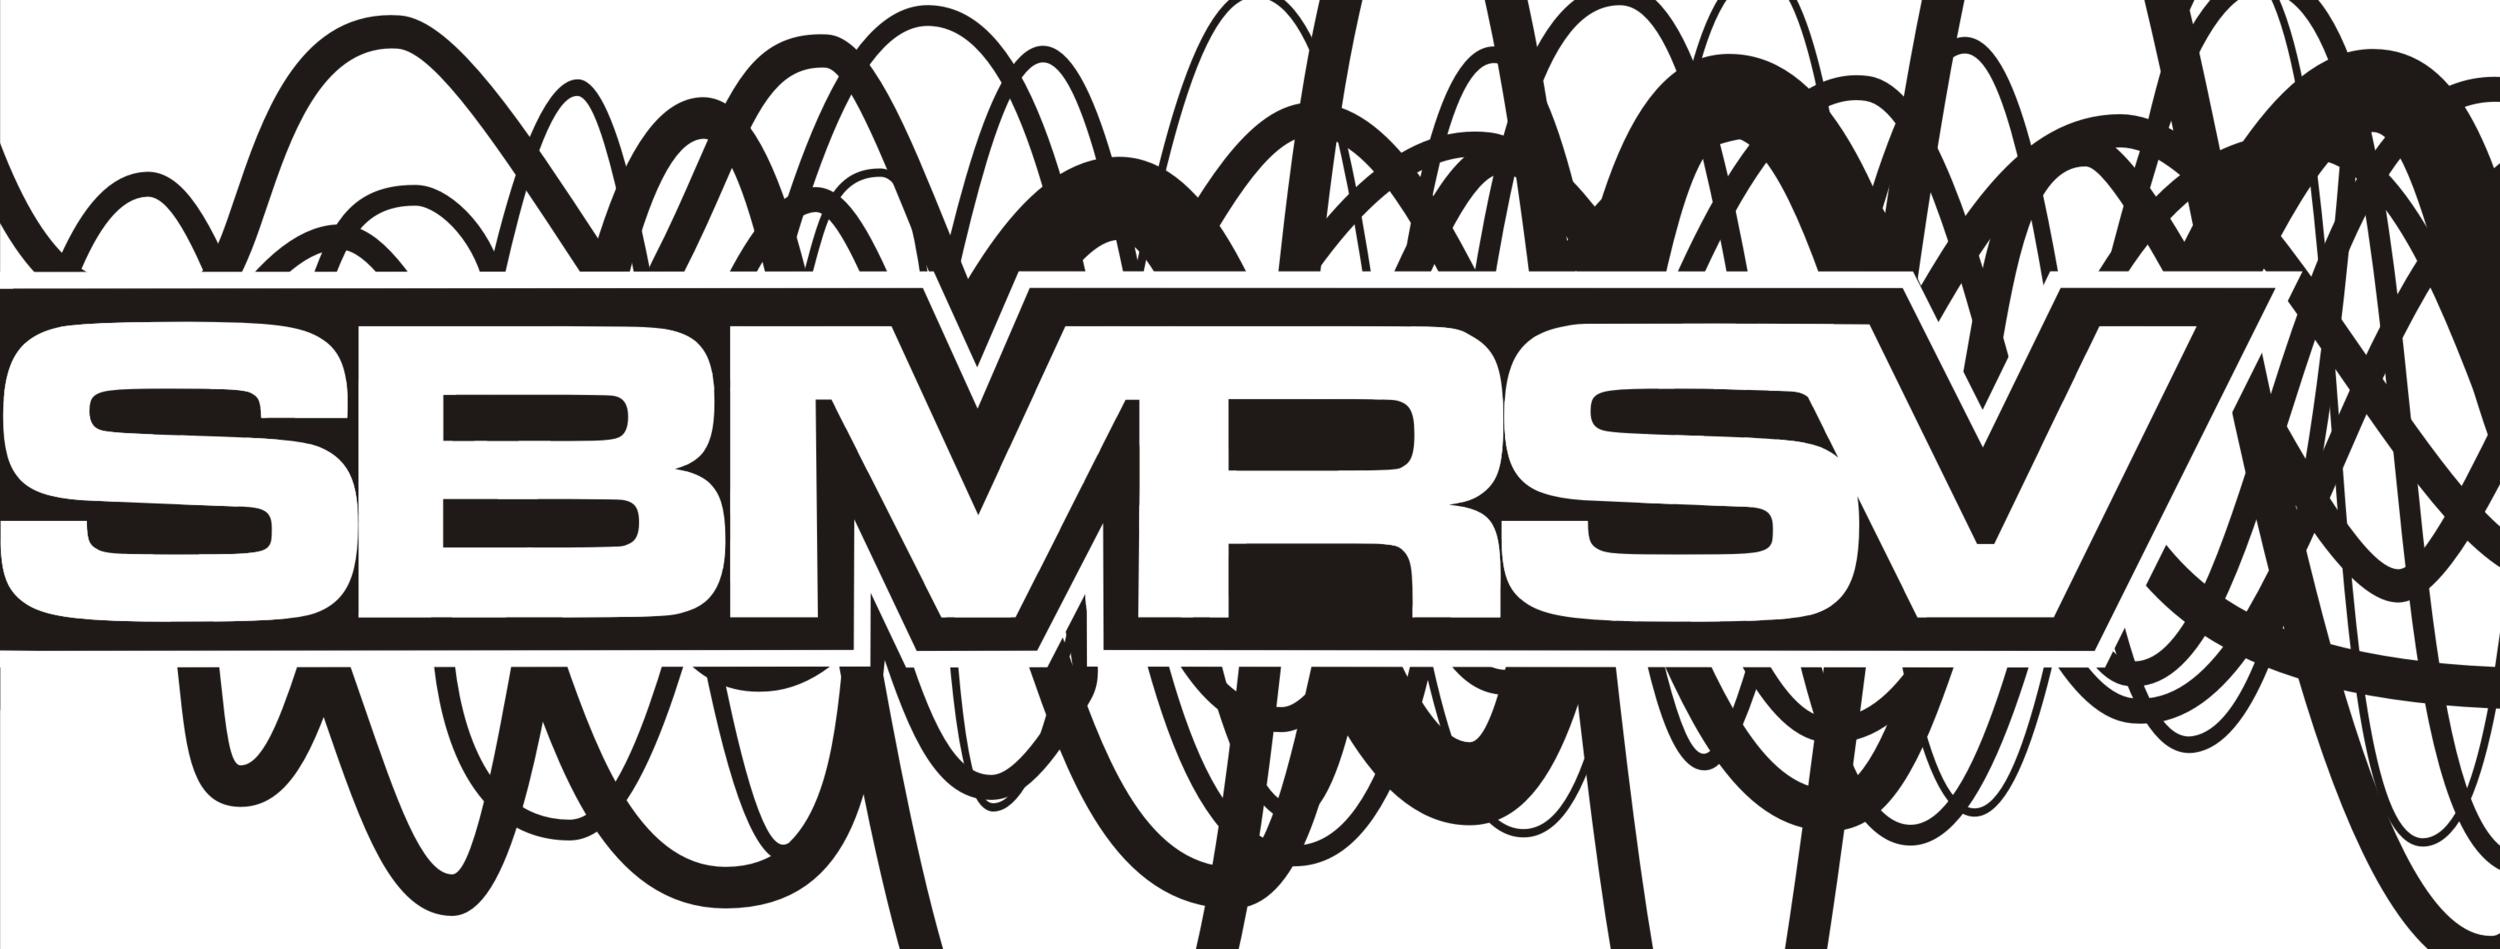 SBMRSV